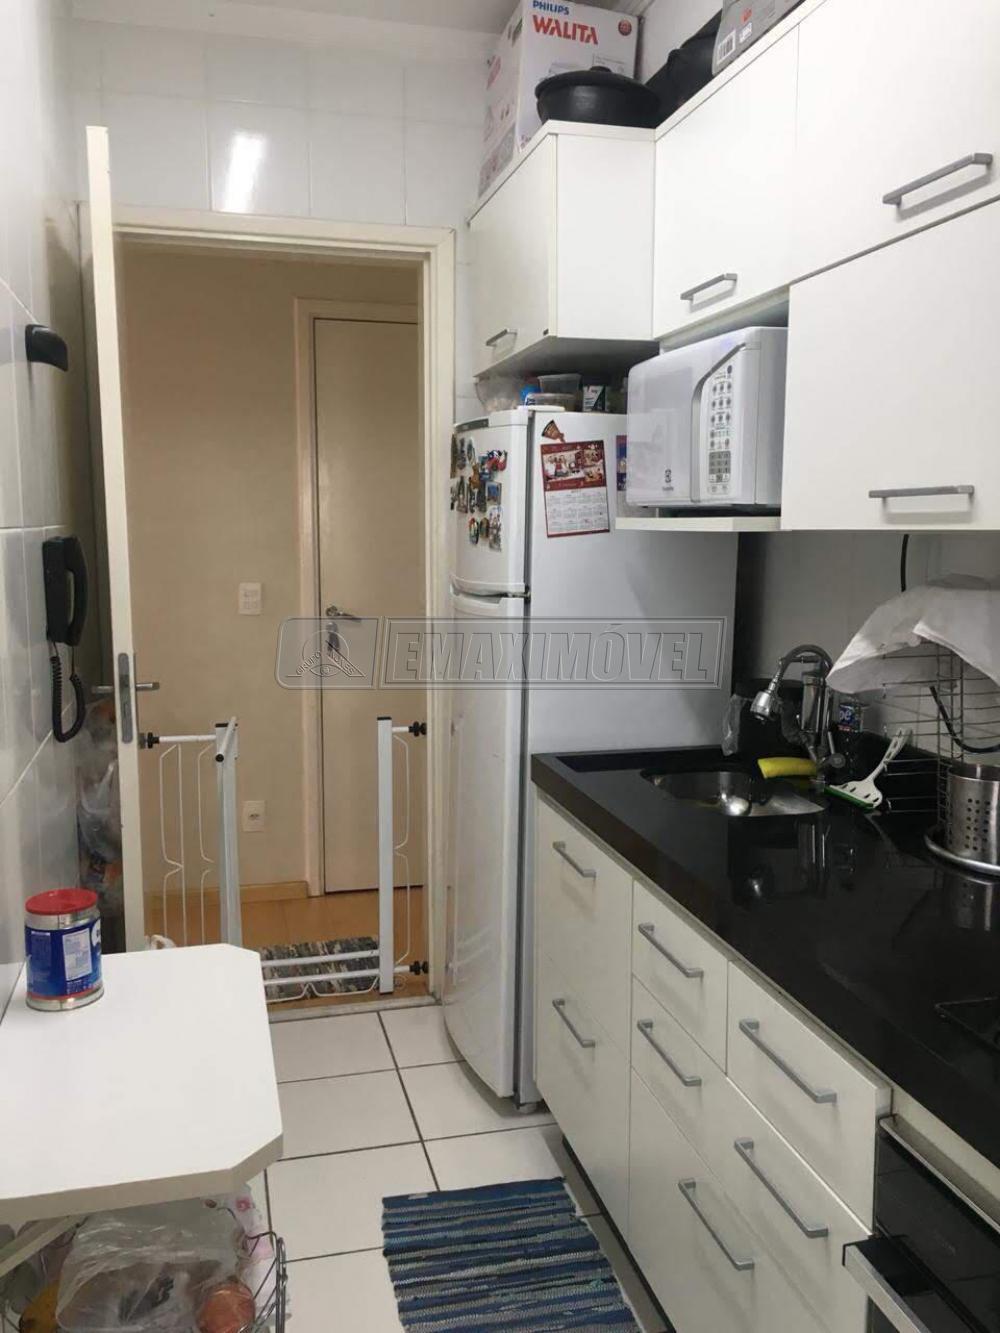 Comprar Apartamentos / Apto Padrão em Sorocaba apenas R$ 265.000,00 - Foto 6